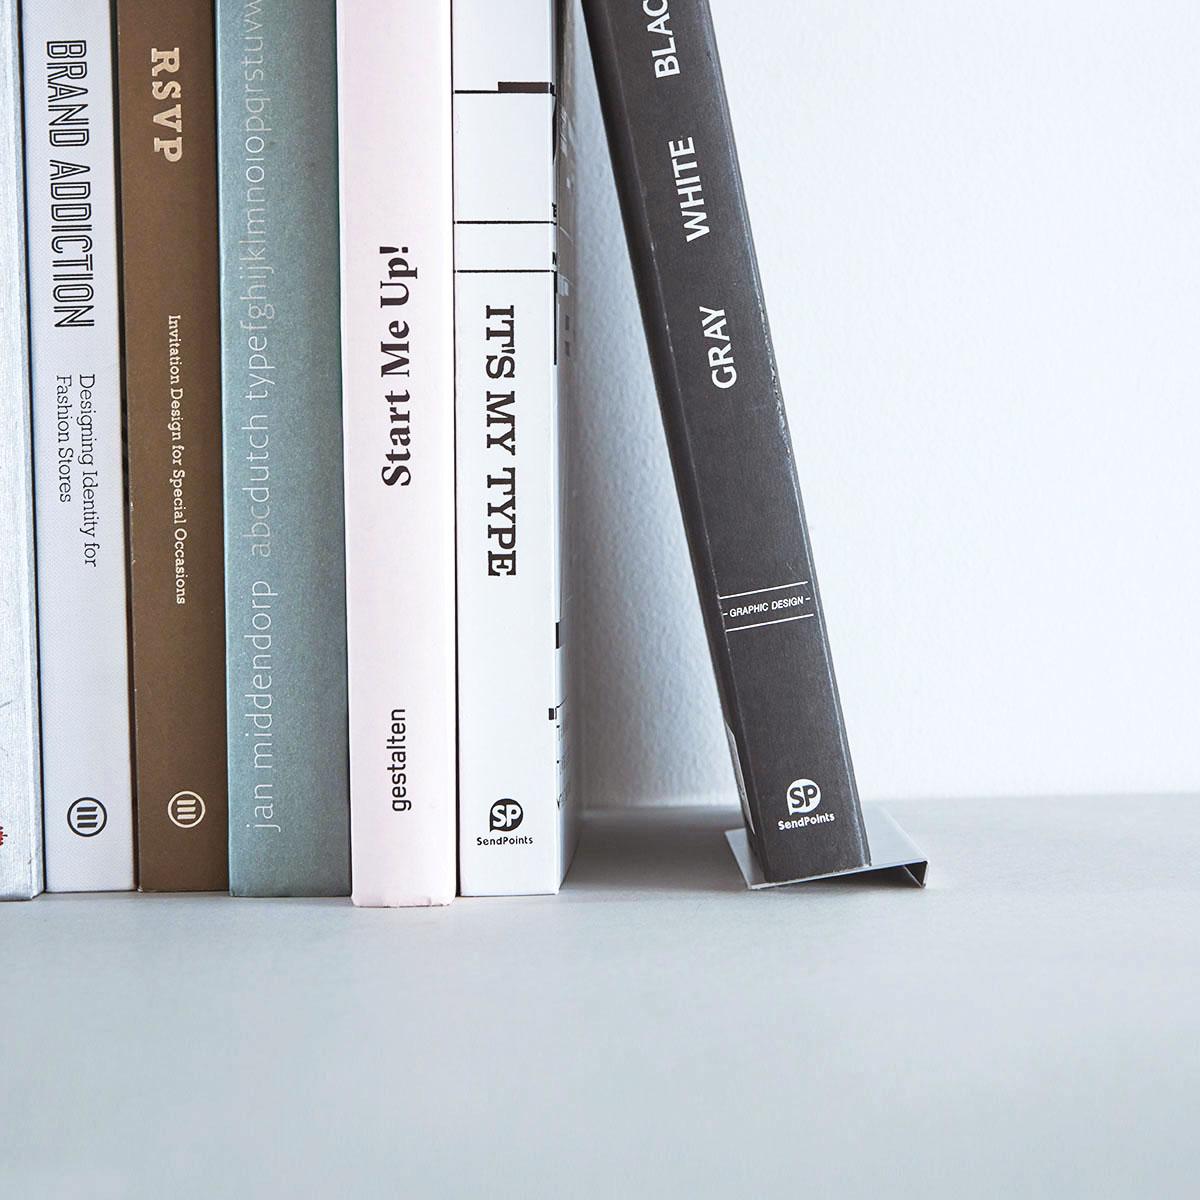 【 9° BOOK STOPPER  】『傾けた本』を滑らせない。本立ての新しいカタチ